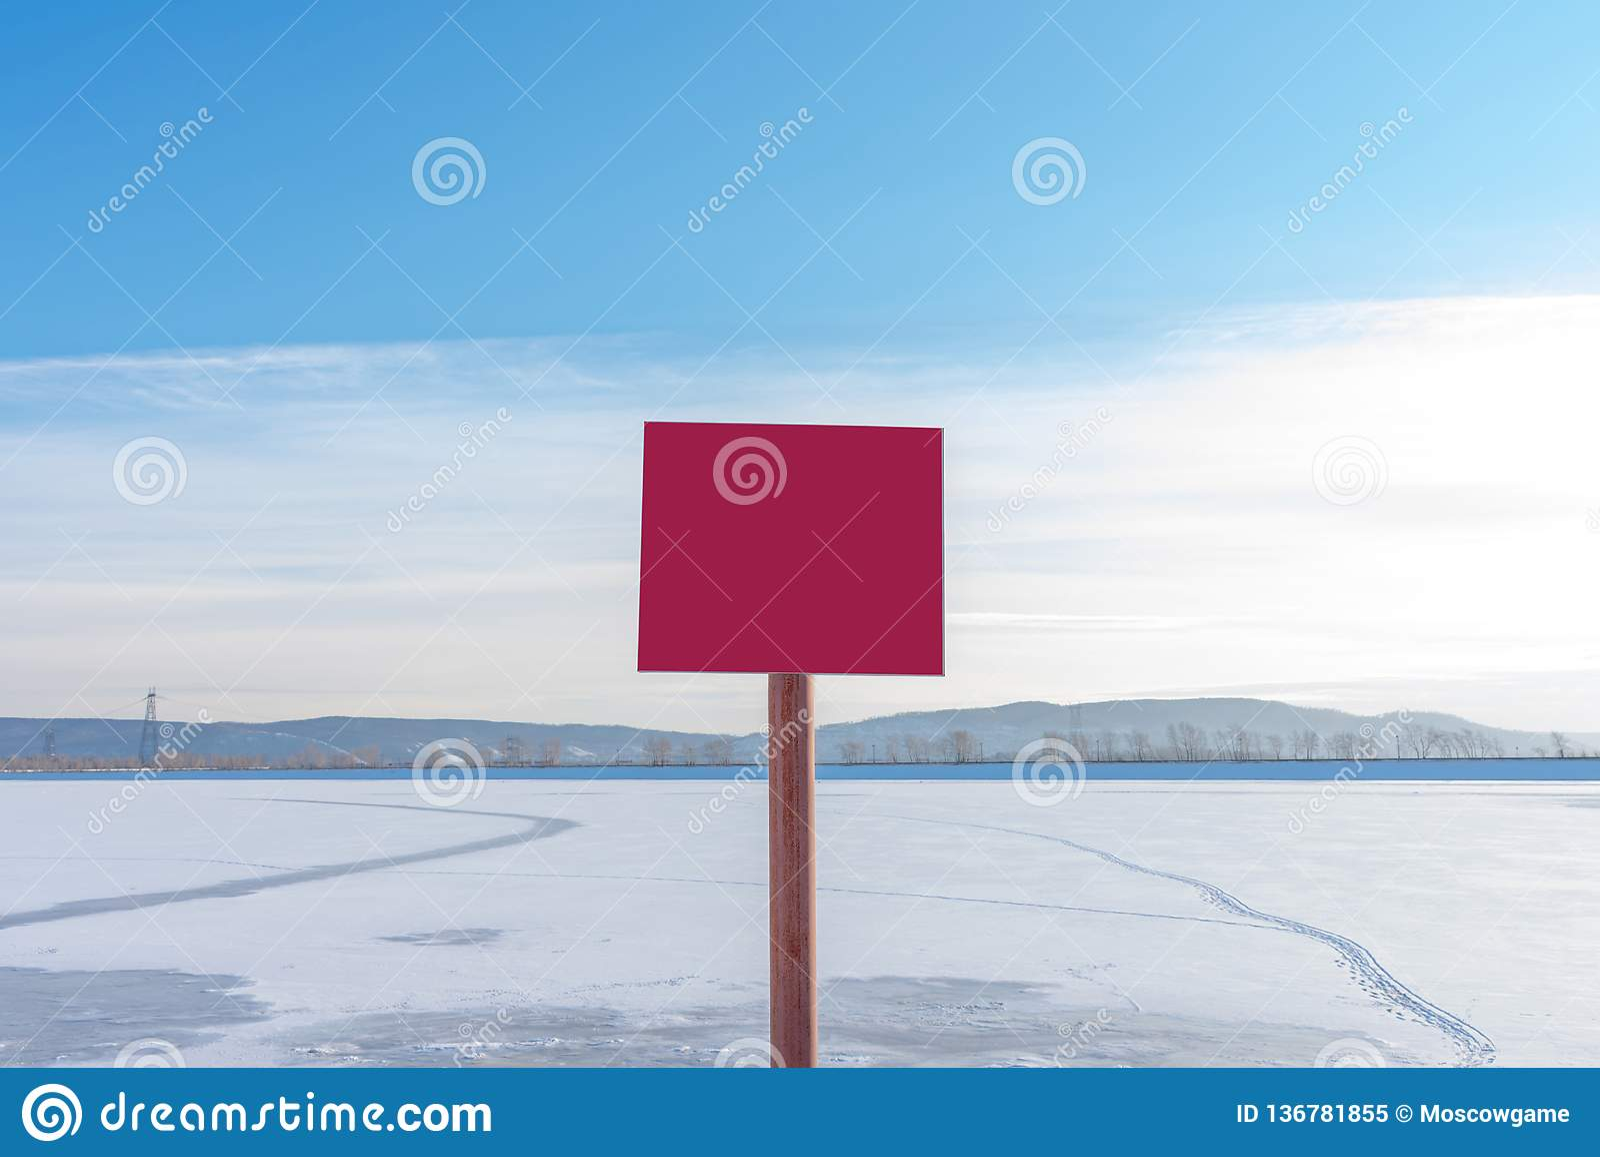 Κόκκινος λεπτός πάγος σημαδιών επικίνδυνα χωρίς επιγραφή Κενή αφίσσα με το διάστημα για το κείμενό σας